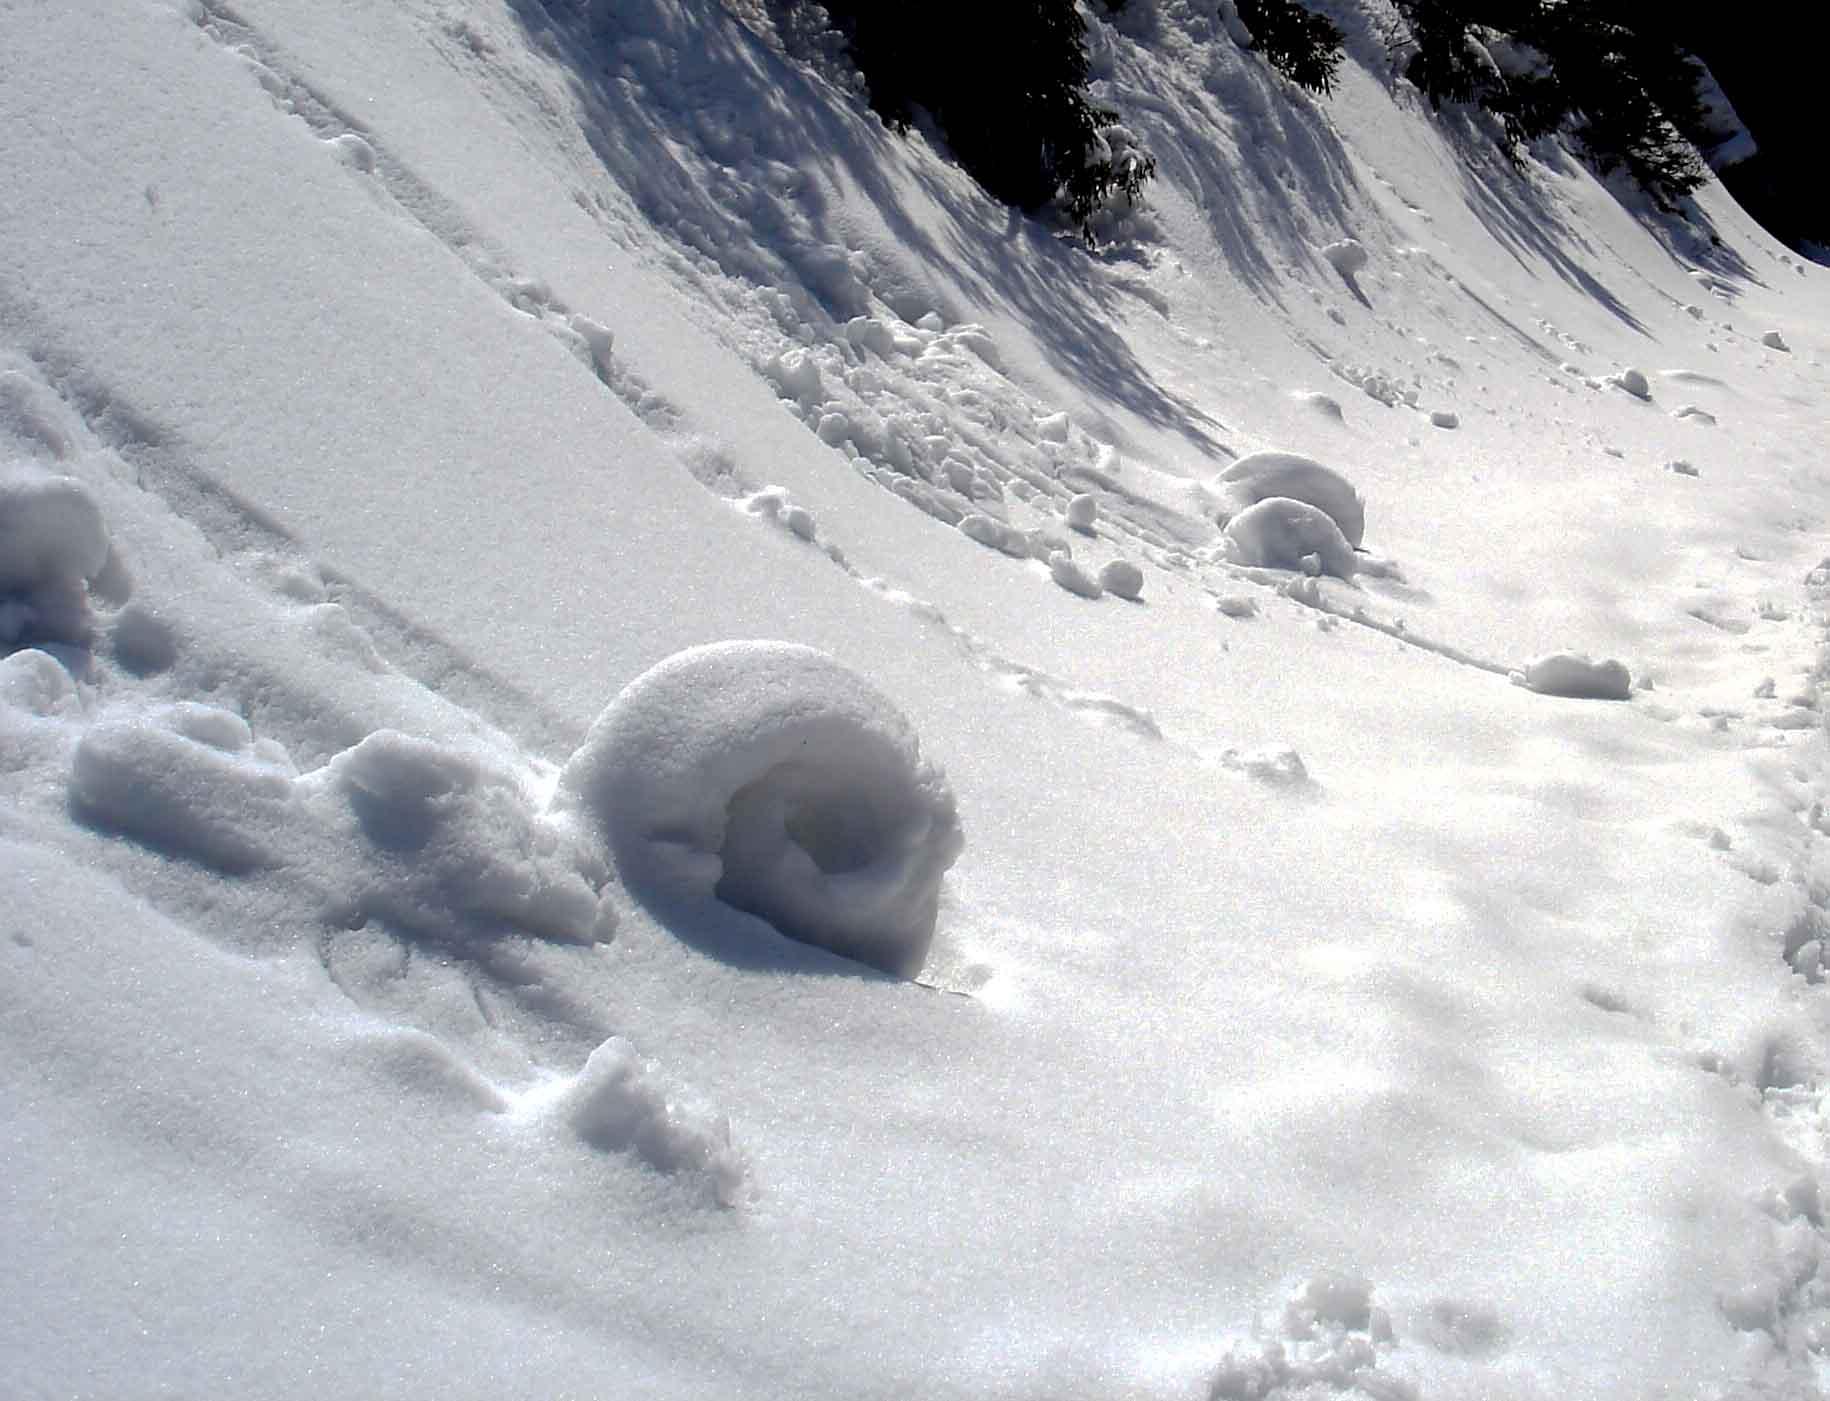 ロール状の雪玉